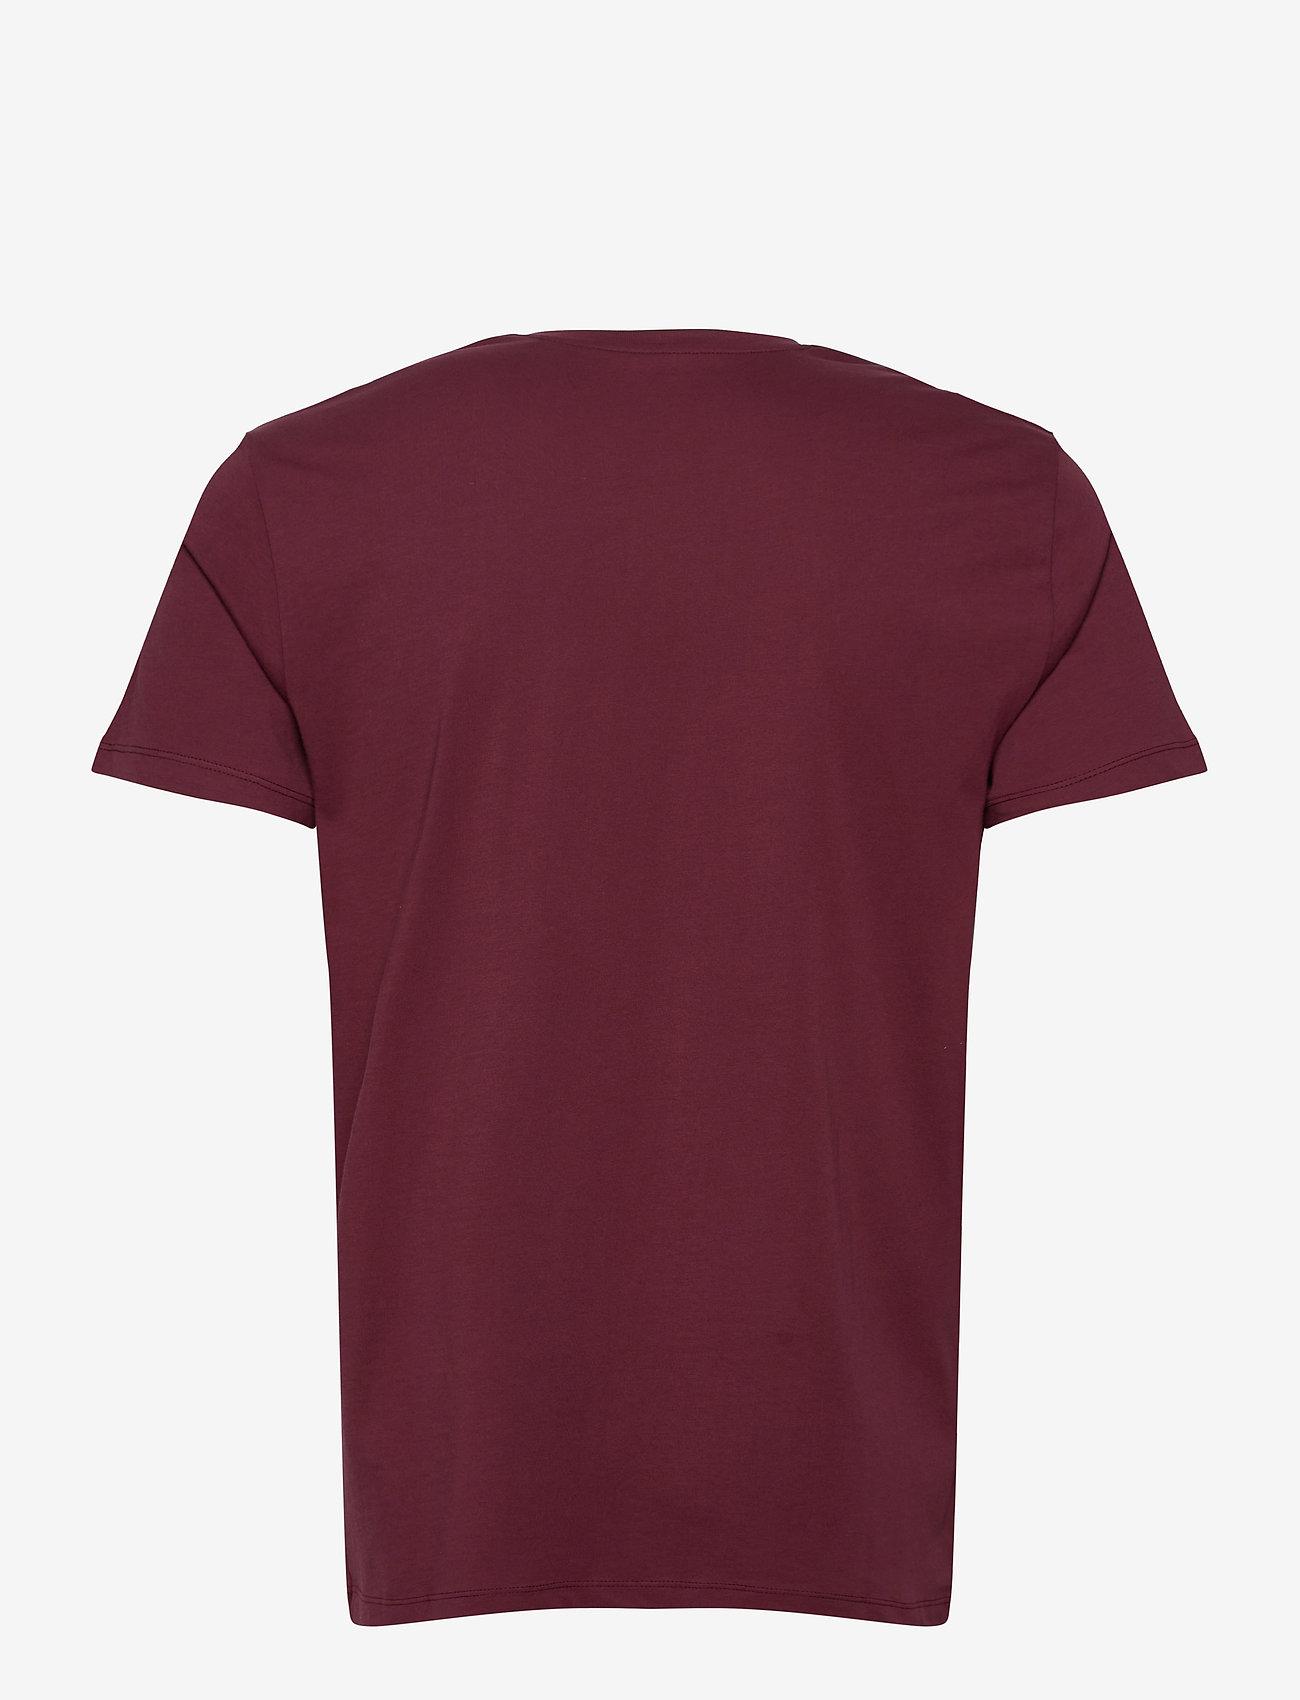 Esprit Casual - T-Shirts - t-shirts basiques - bordeaux red - 1